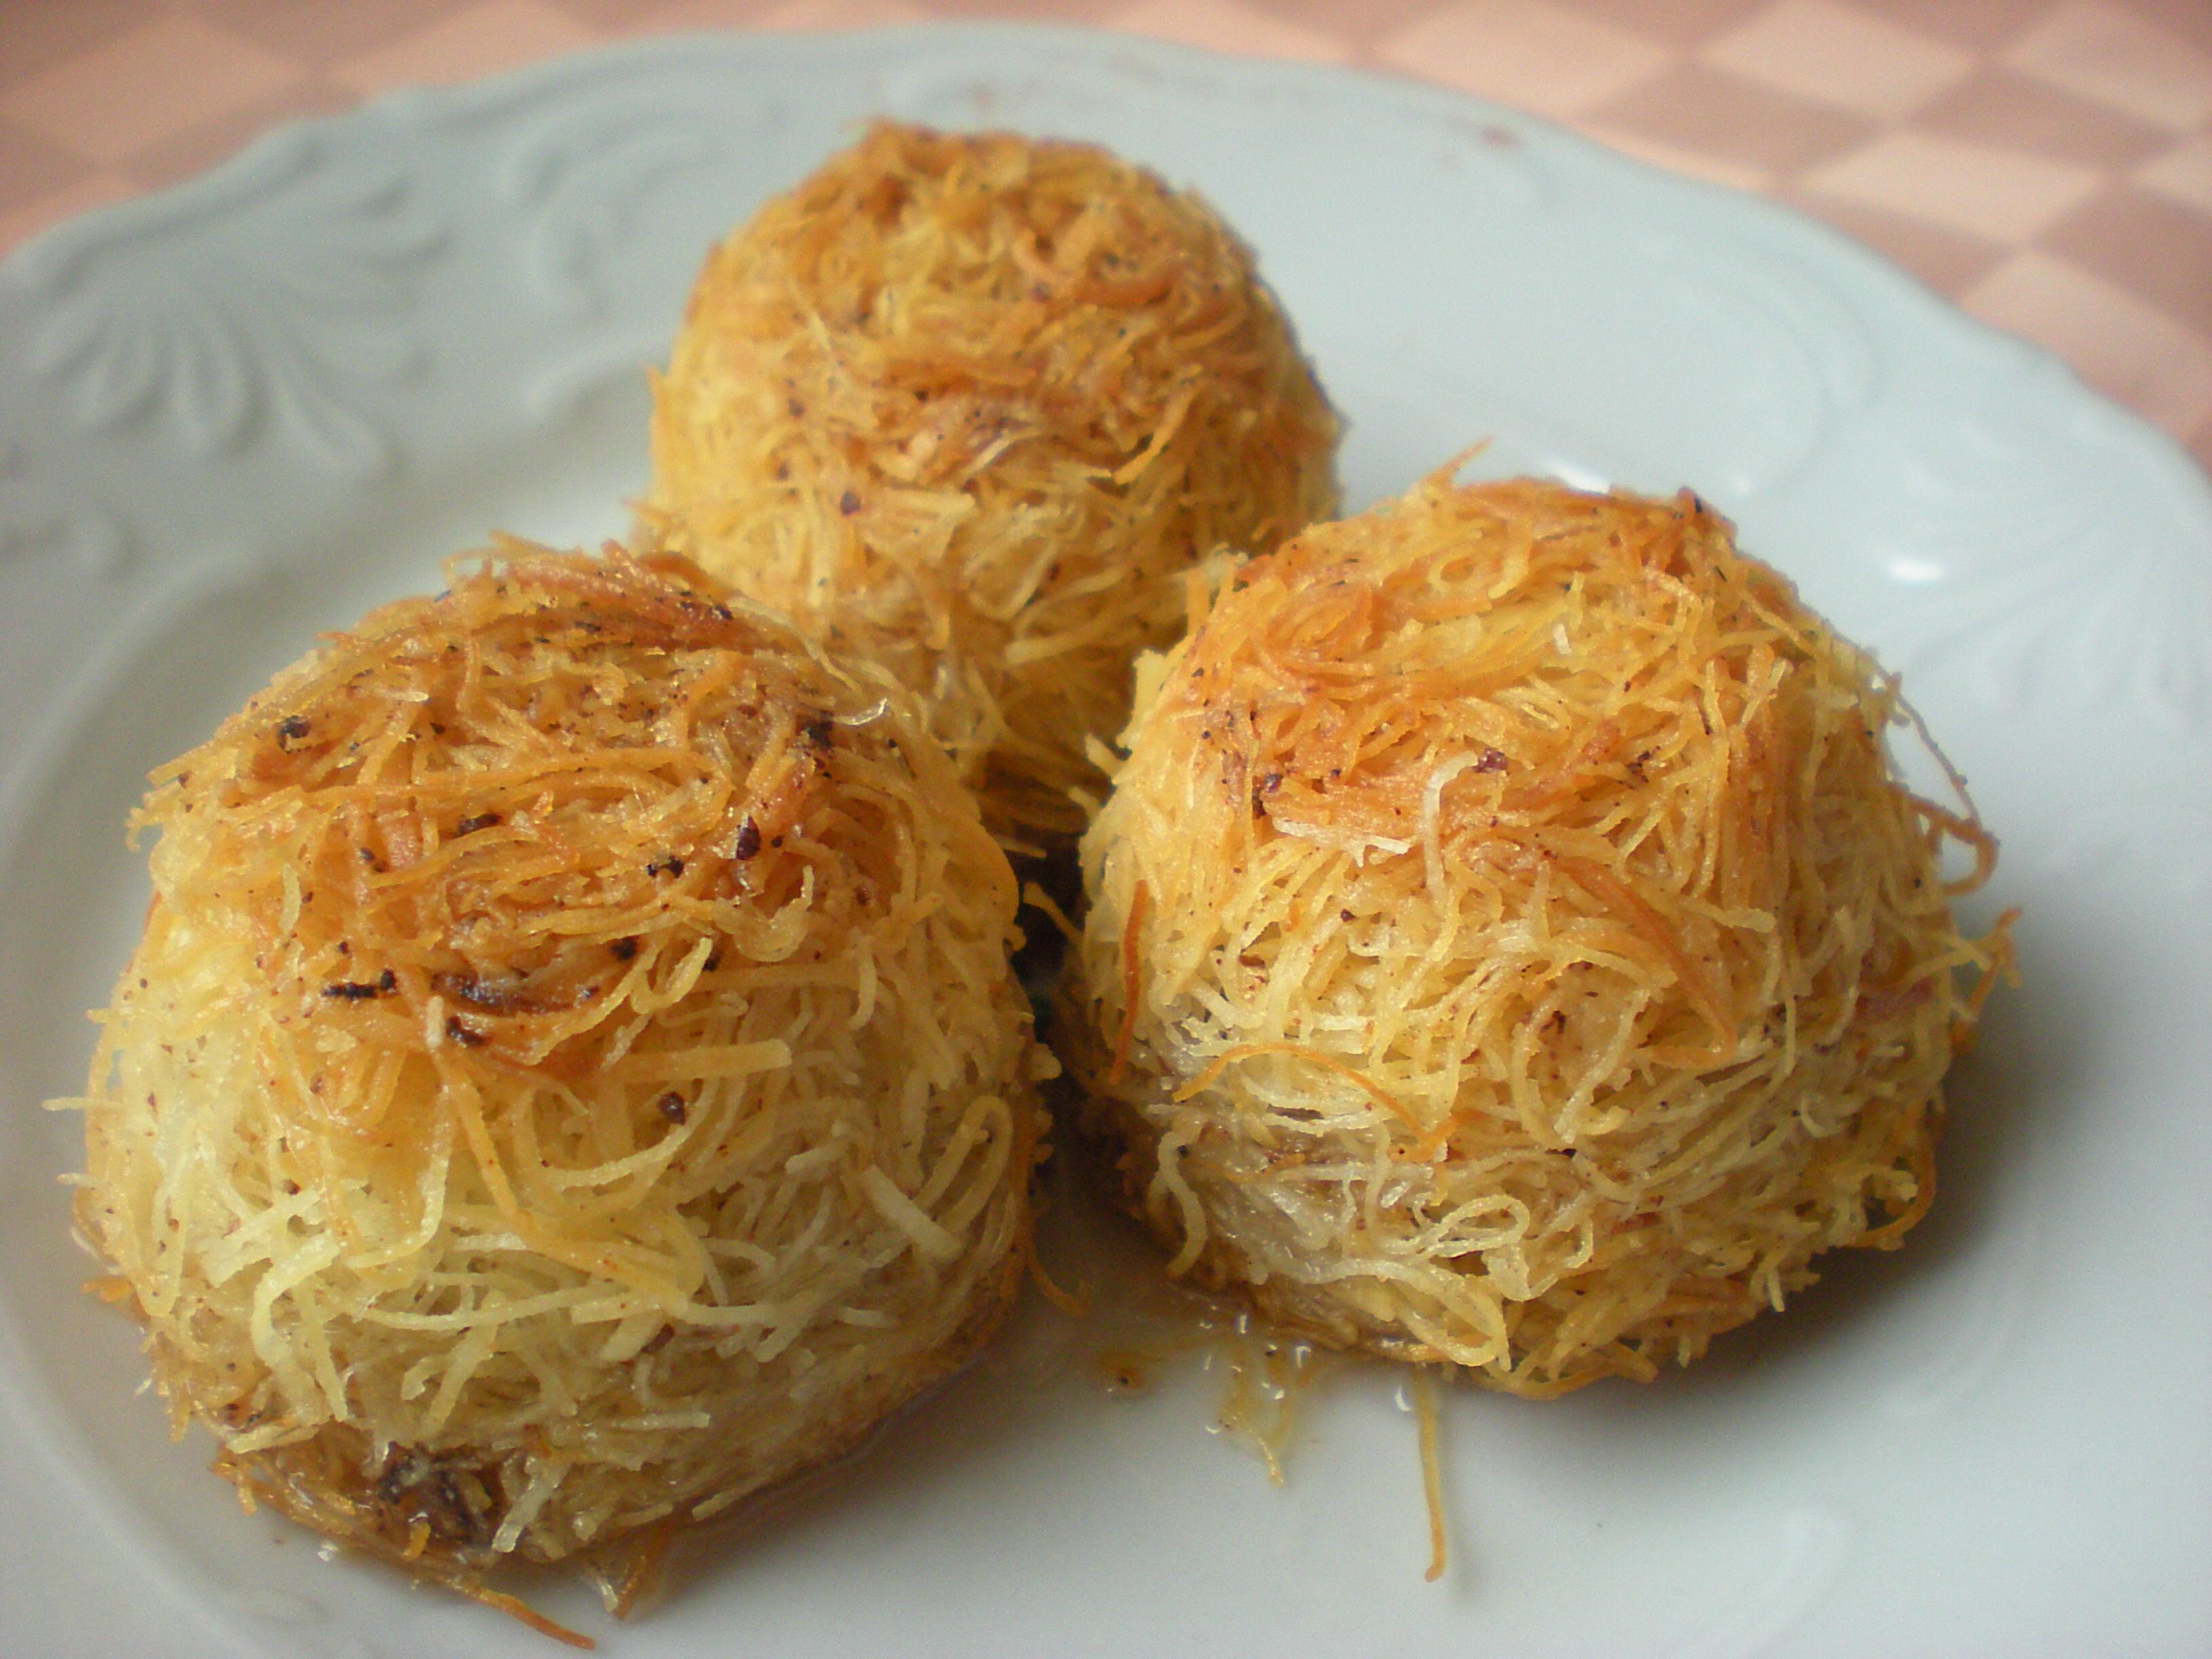 Tel kadayif au semoul cuisine for Cuisine turque